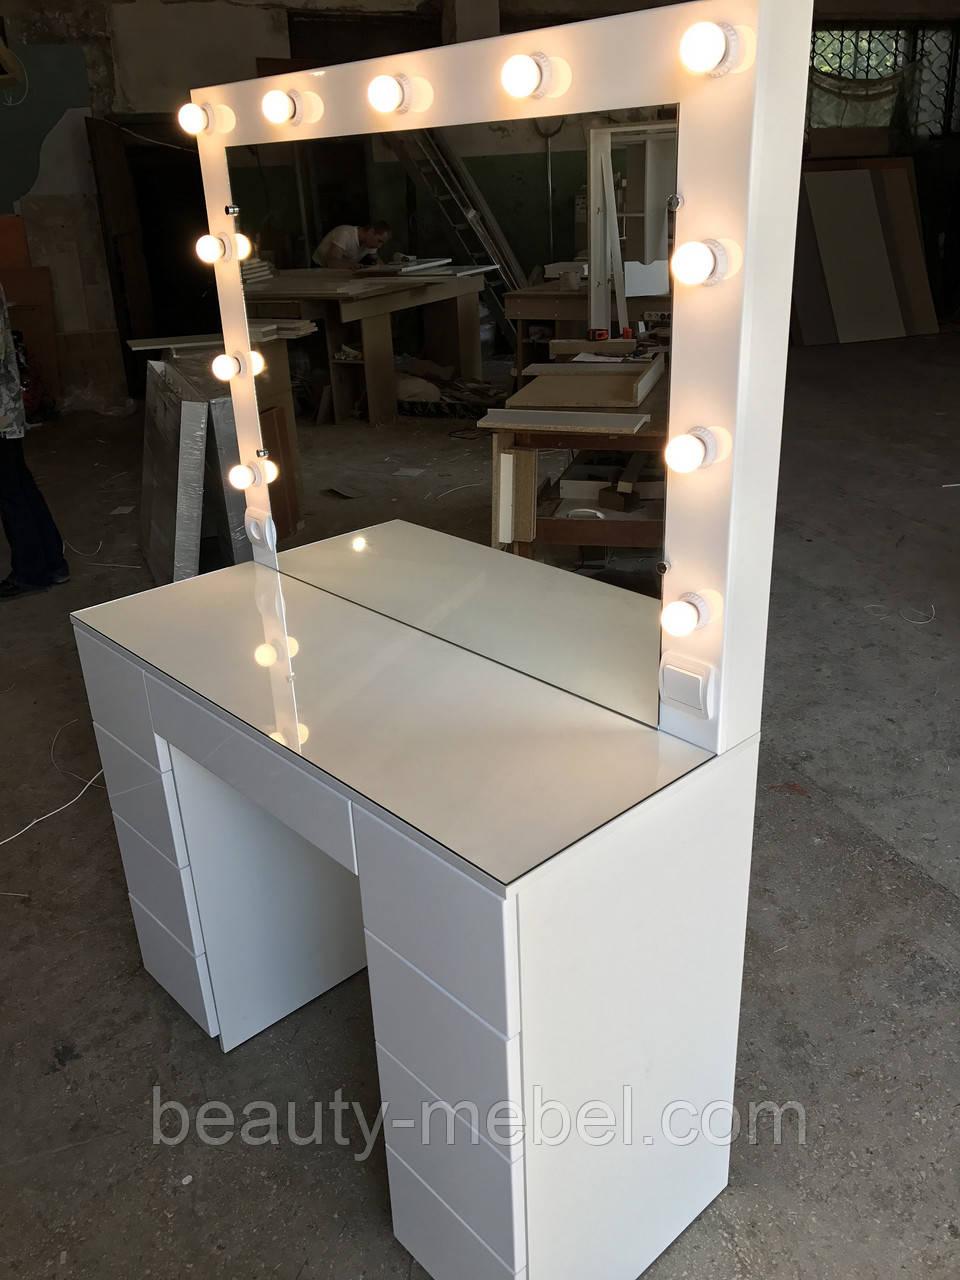 Белый глянцевый стол визажиста, гримерный столик, зеркало с подсветкой